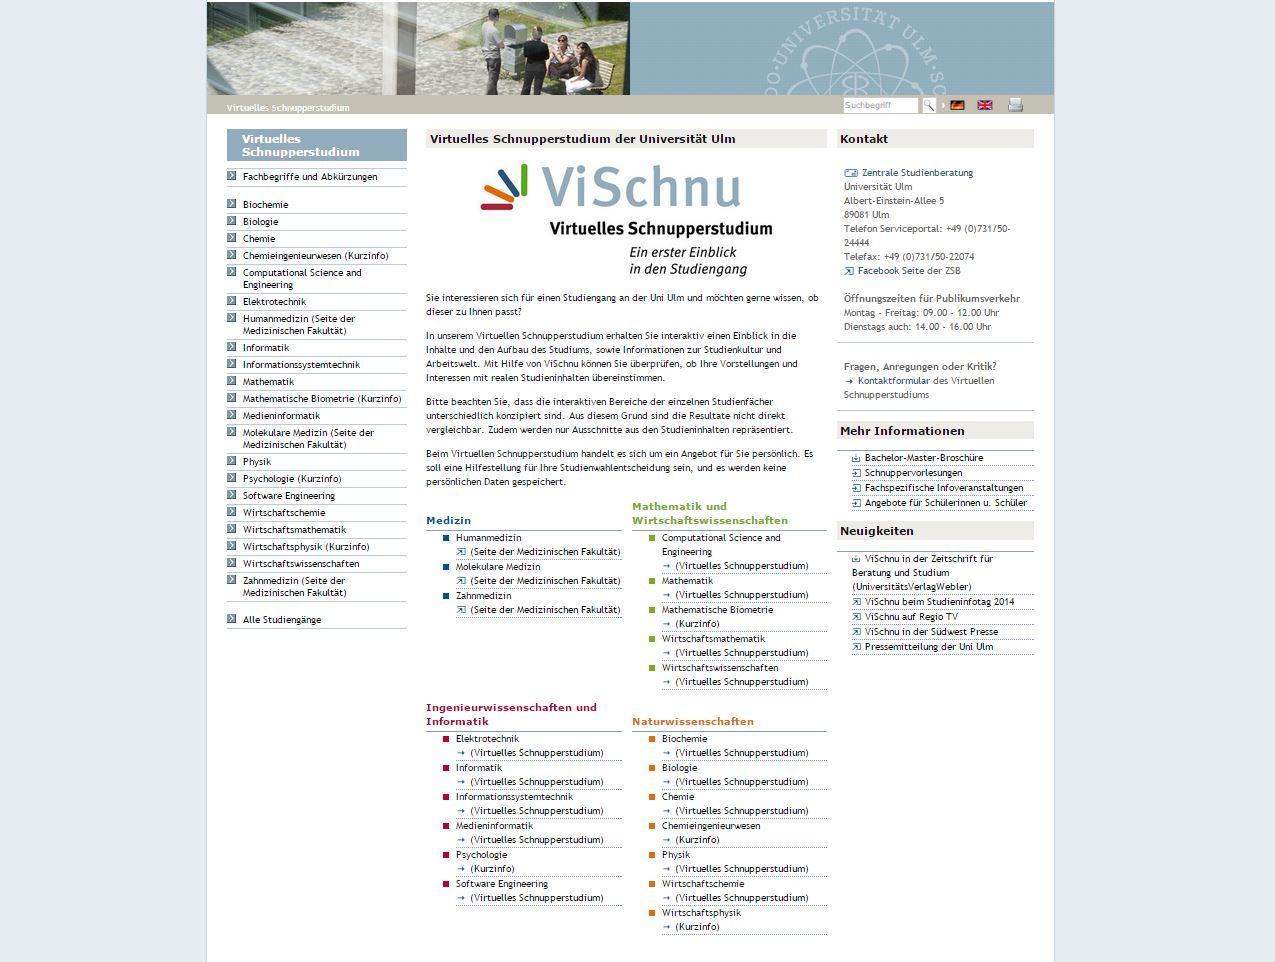 01_ViSchnu_Übersicht